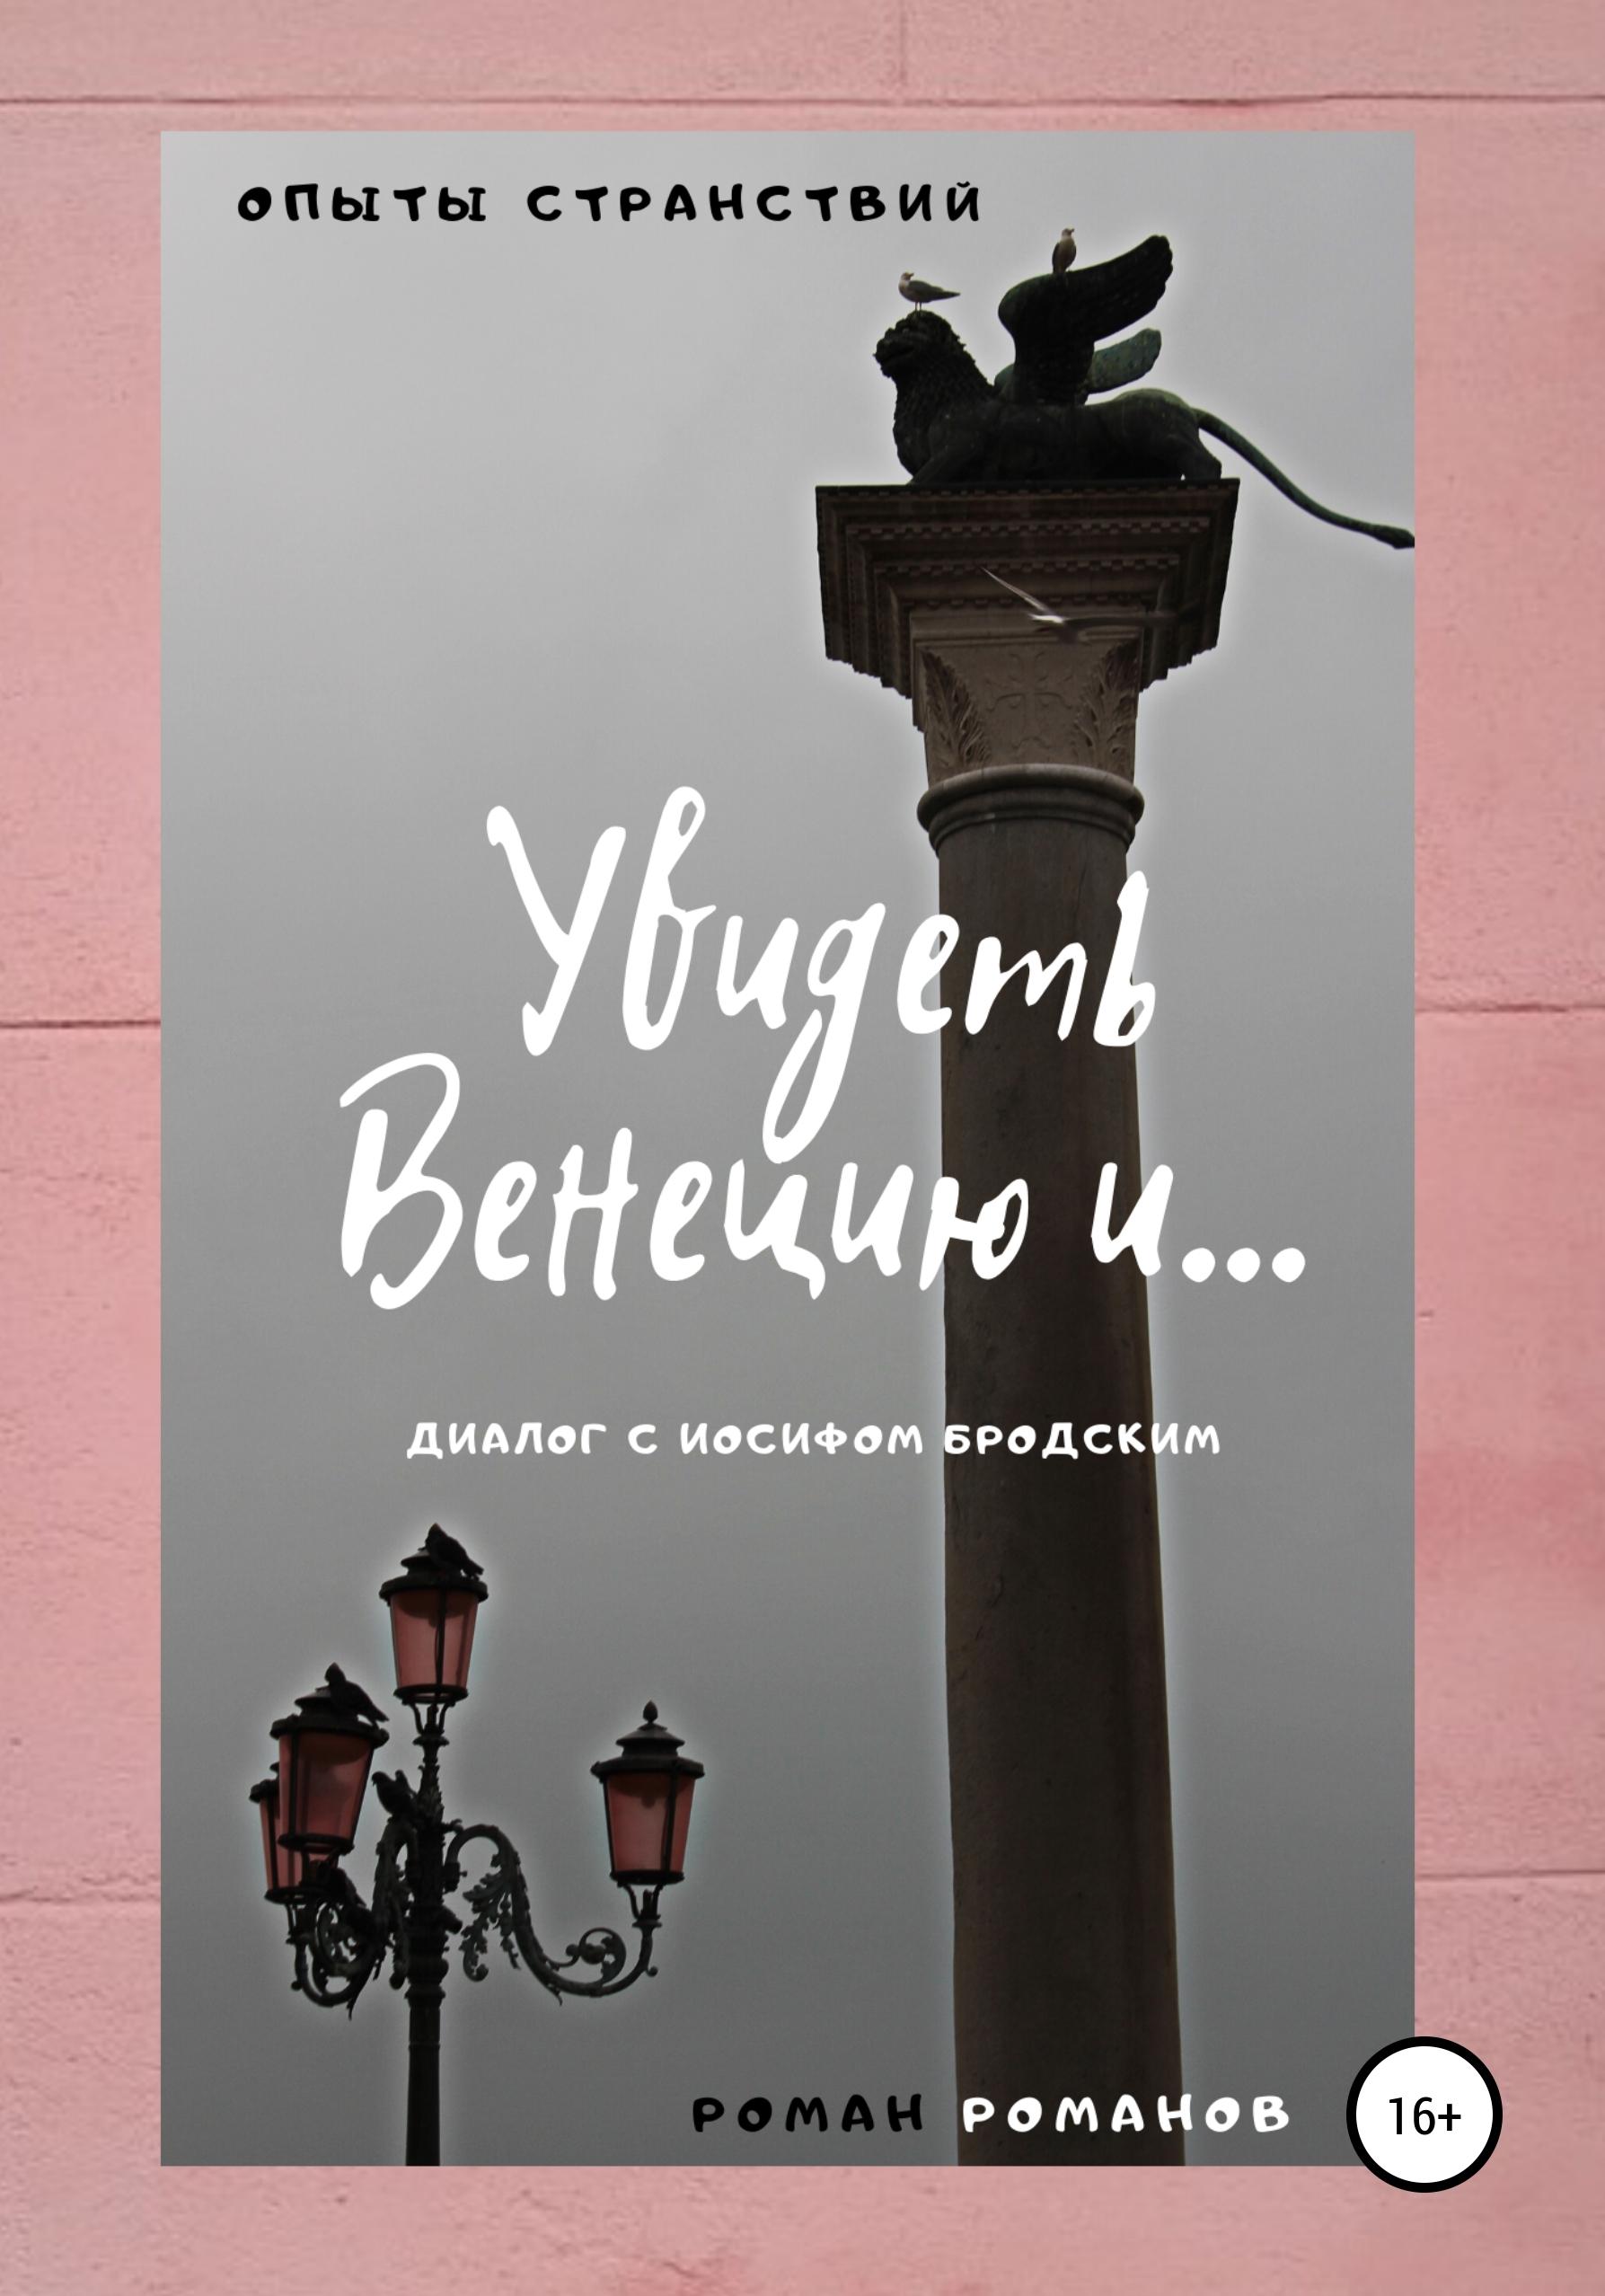 Увидеть Венецию и… (диалог с Иосифом Бродским) фото